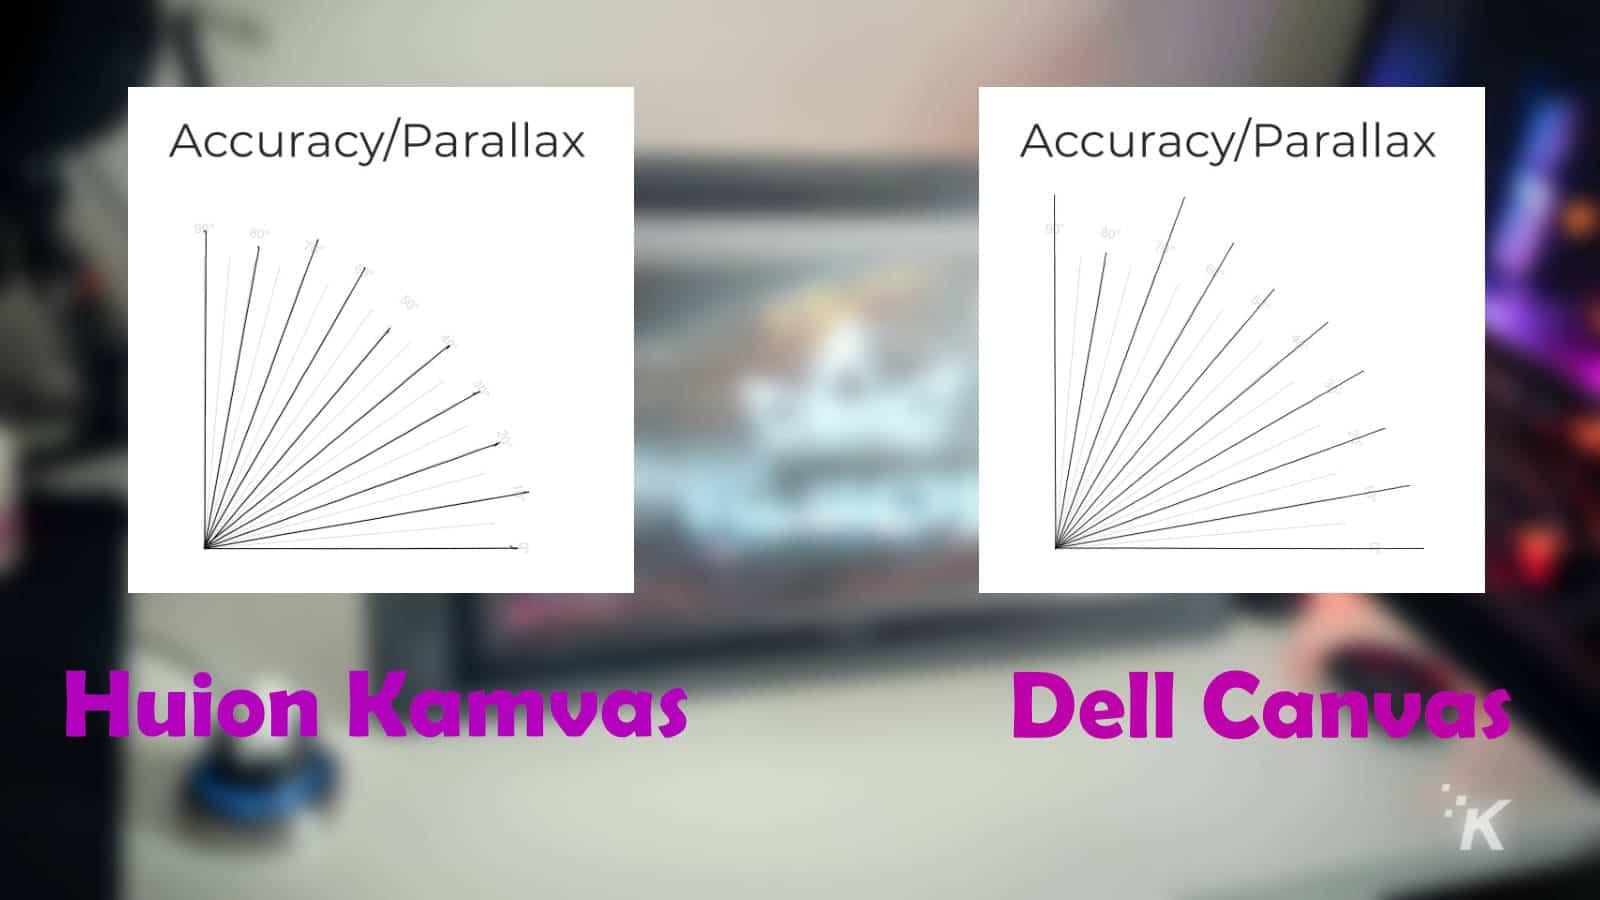 tablet comparisons